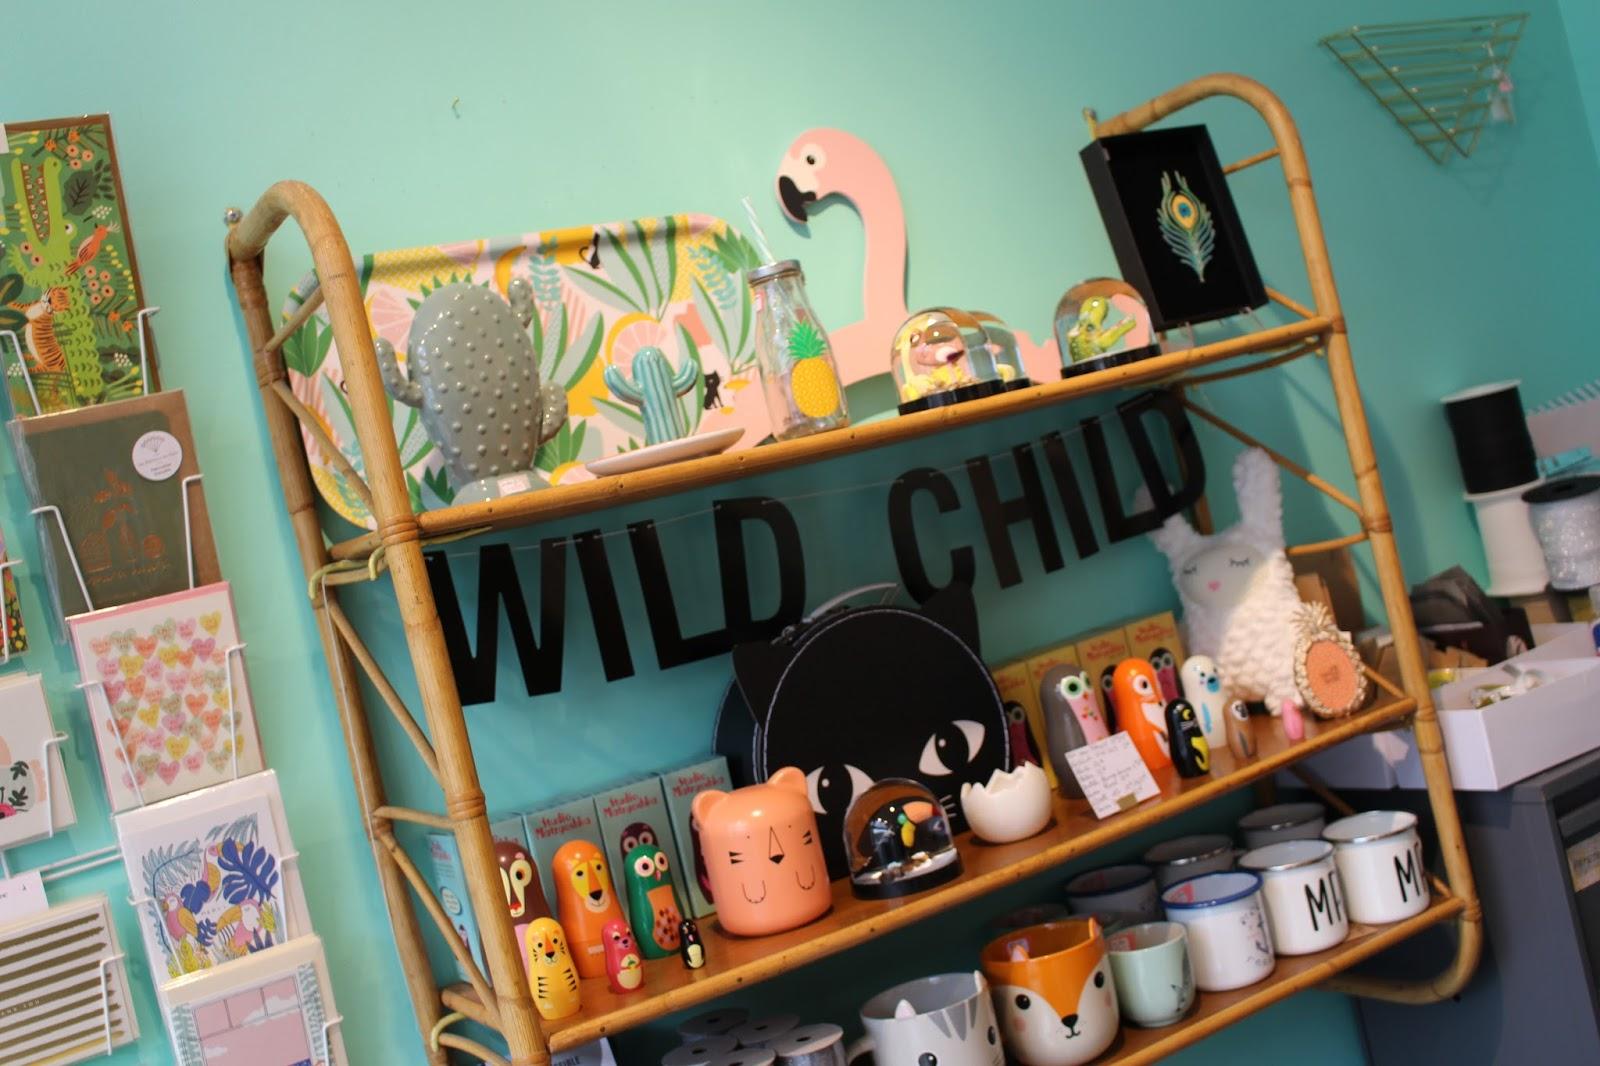 le blog de mel mint boutique incontournable rennes. Black Bedroom Furniture Sets. Home Design Ideas